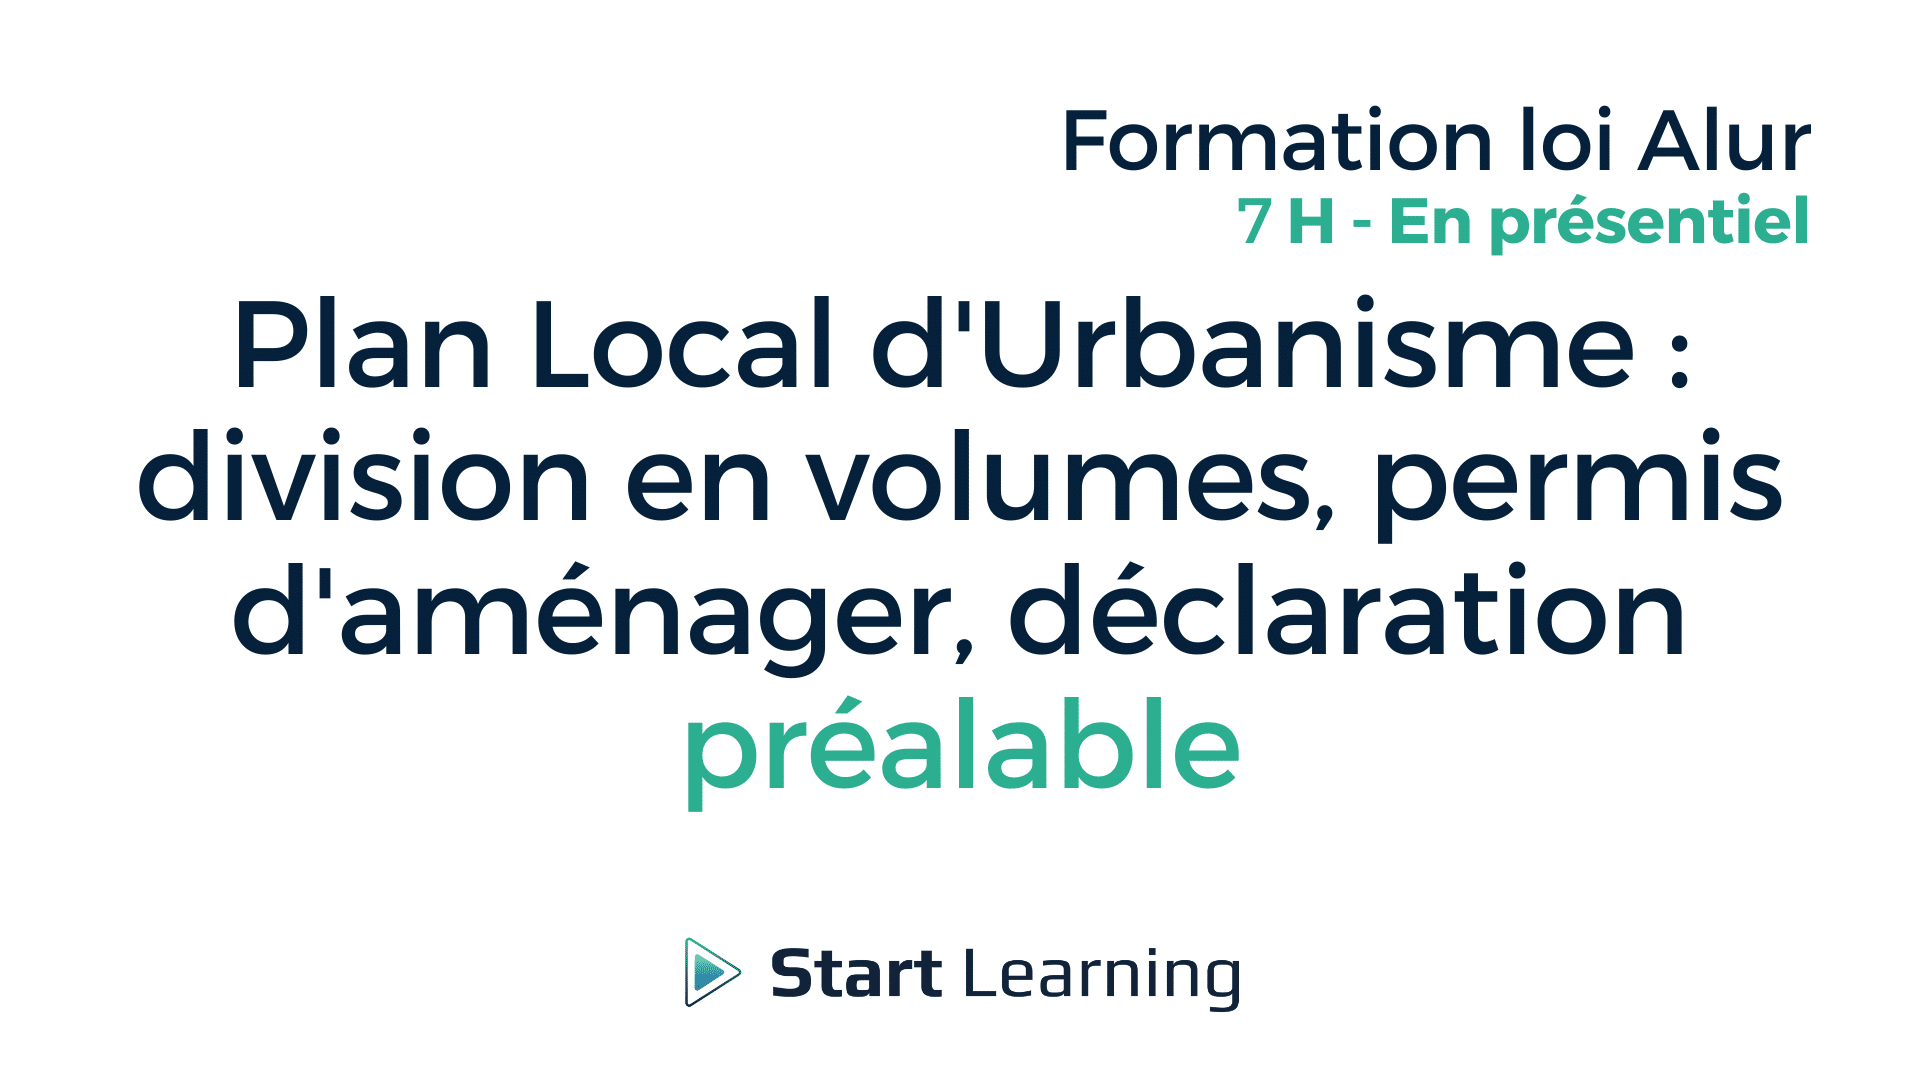 Plan Local d'Urbanisme_division en volumes, permis d'aménager, déclaration préalable - En présentiel